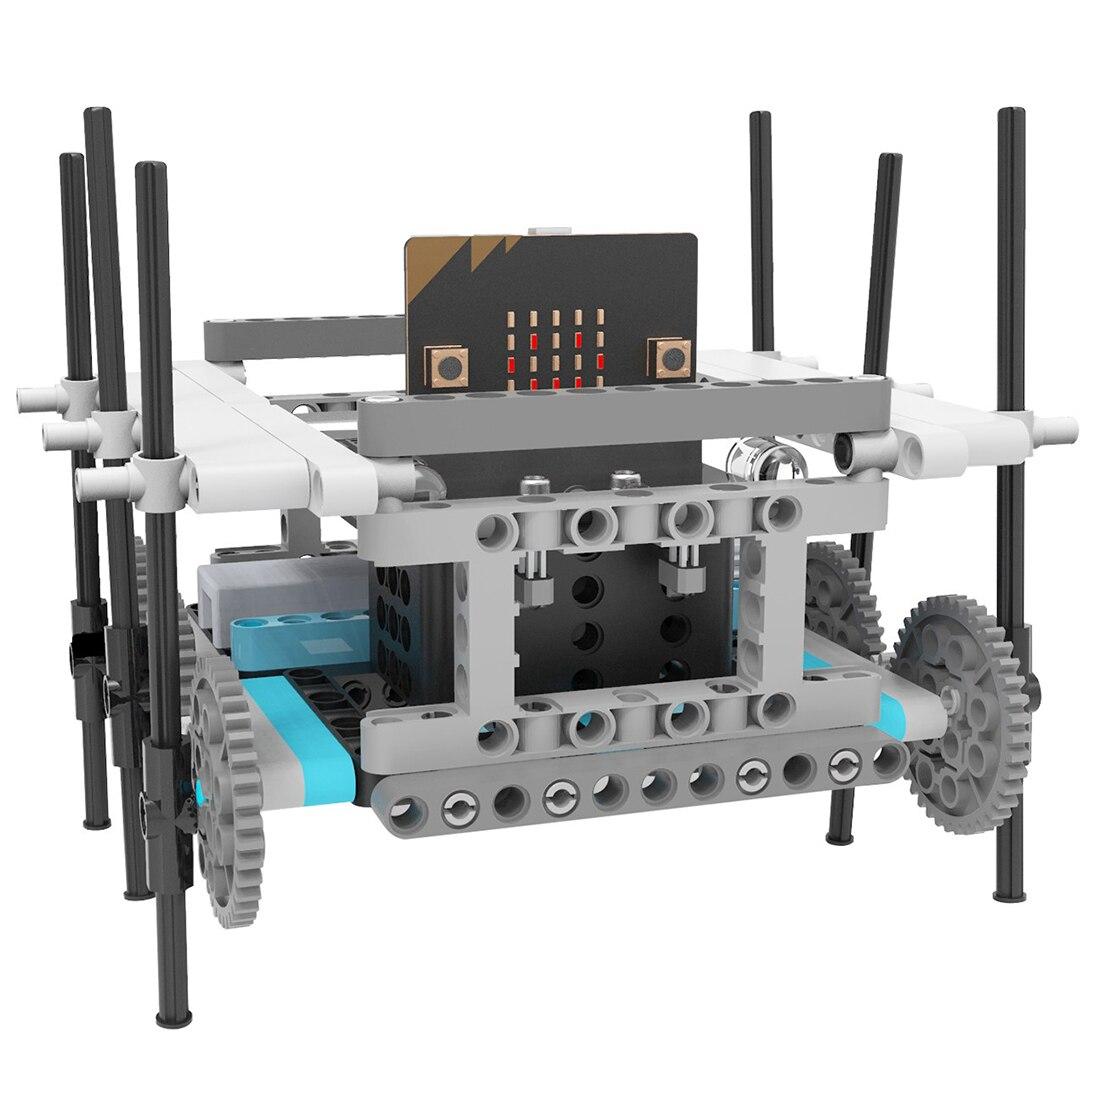 Kit Robot pour Micro: Bit tige robotique Kid Programmable Microbit Robots bricolage jouet voiture avec tutoriel suivi éducation scientifique